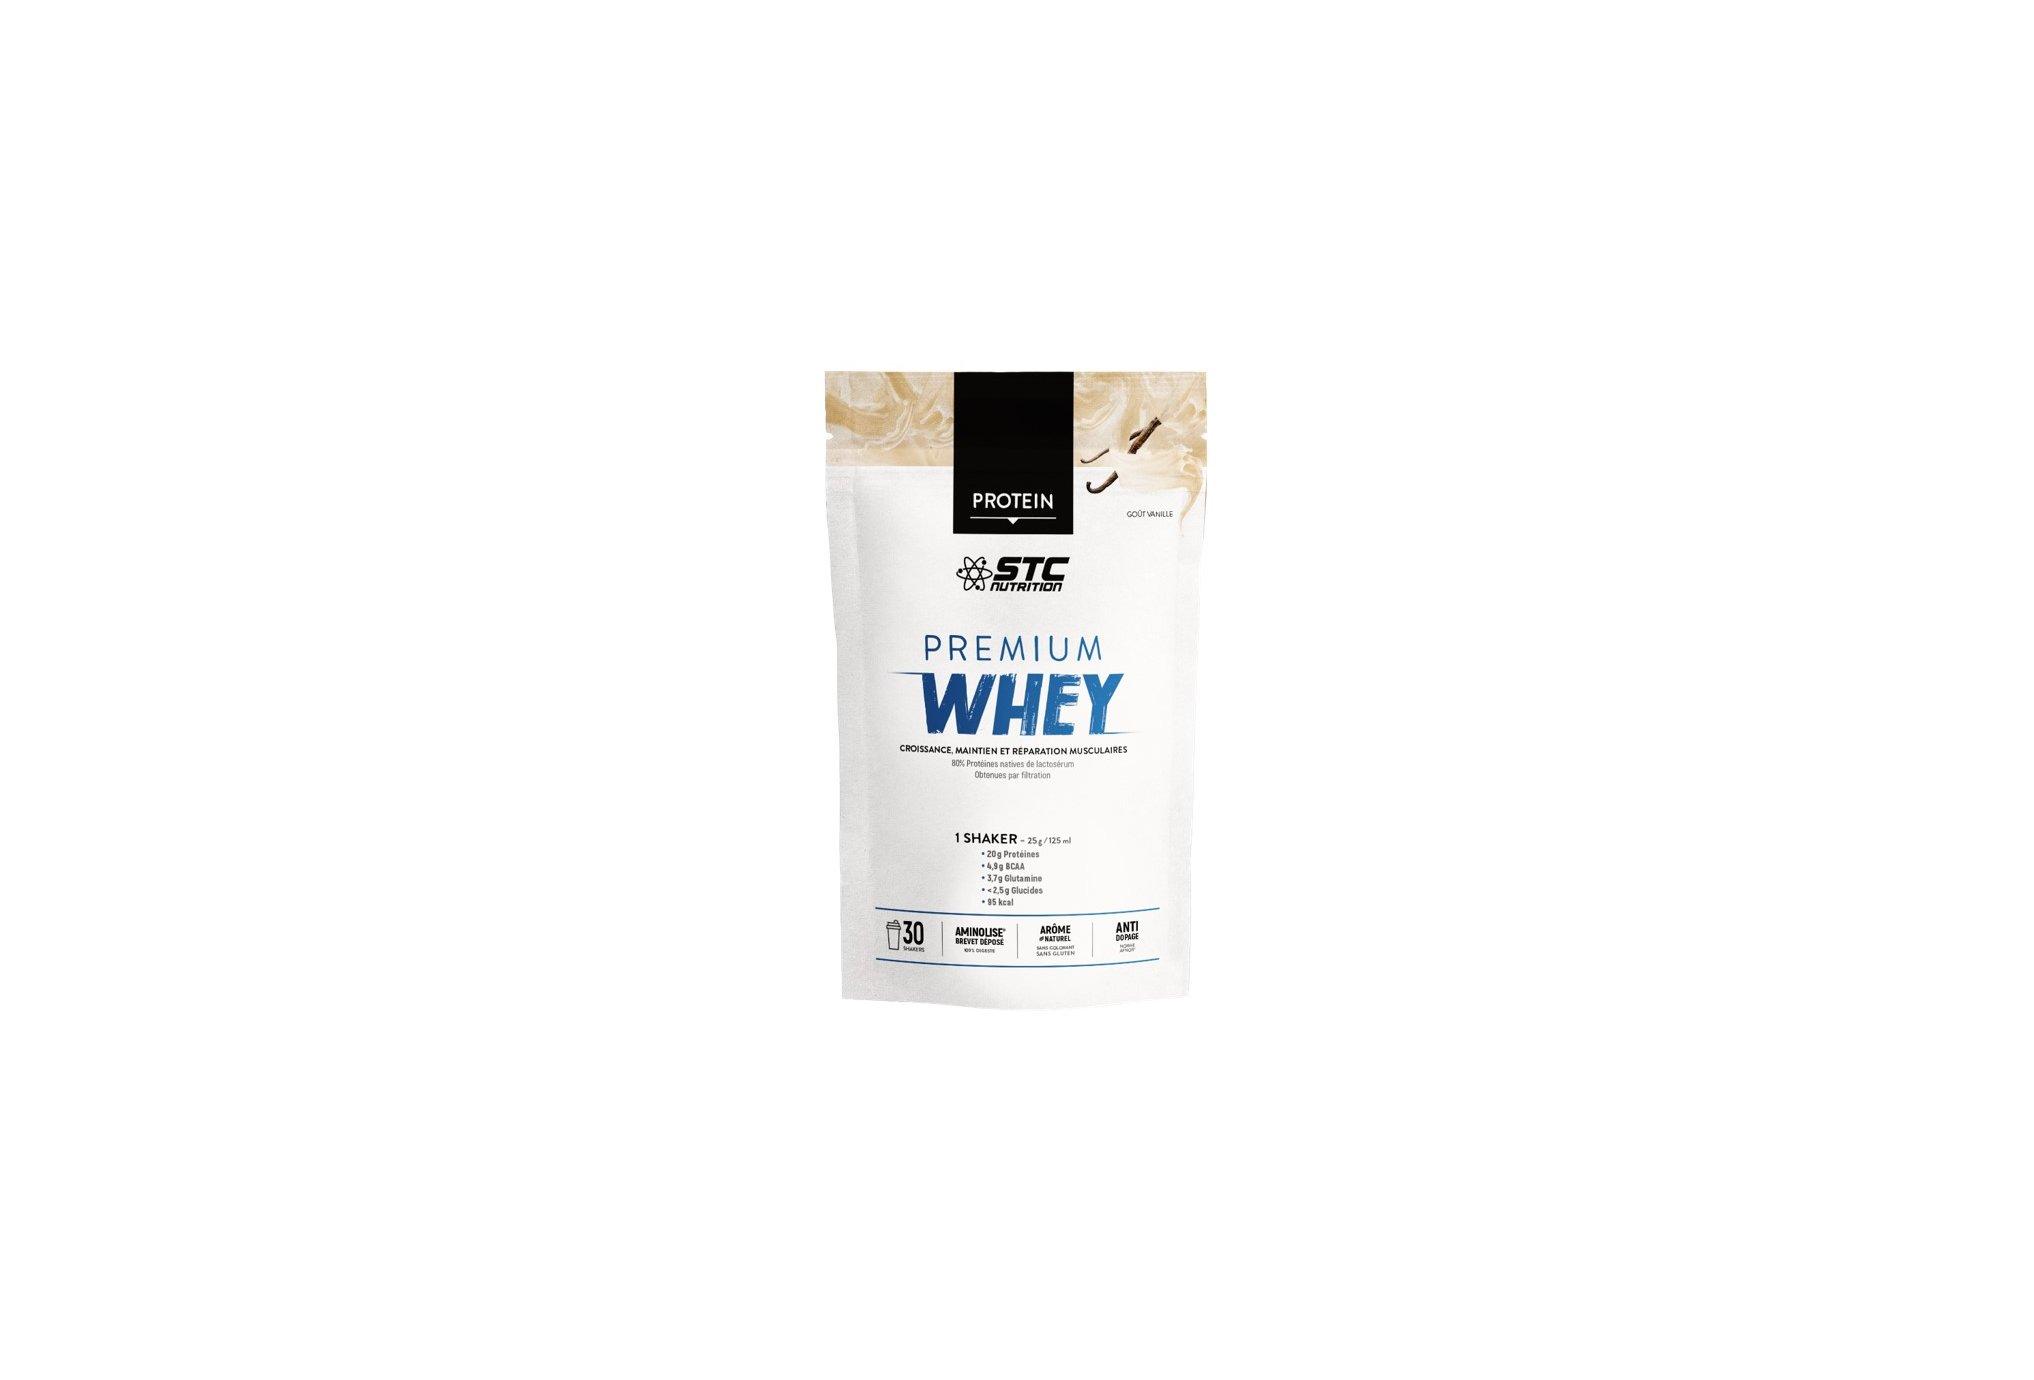 STC Nutrition Whey Pure Premium Protein vanille 750 g Diététique Protéines / récupération